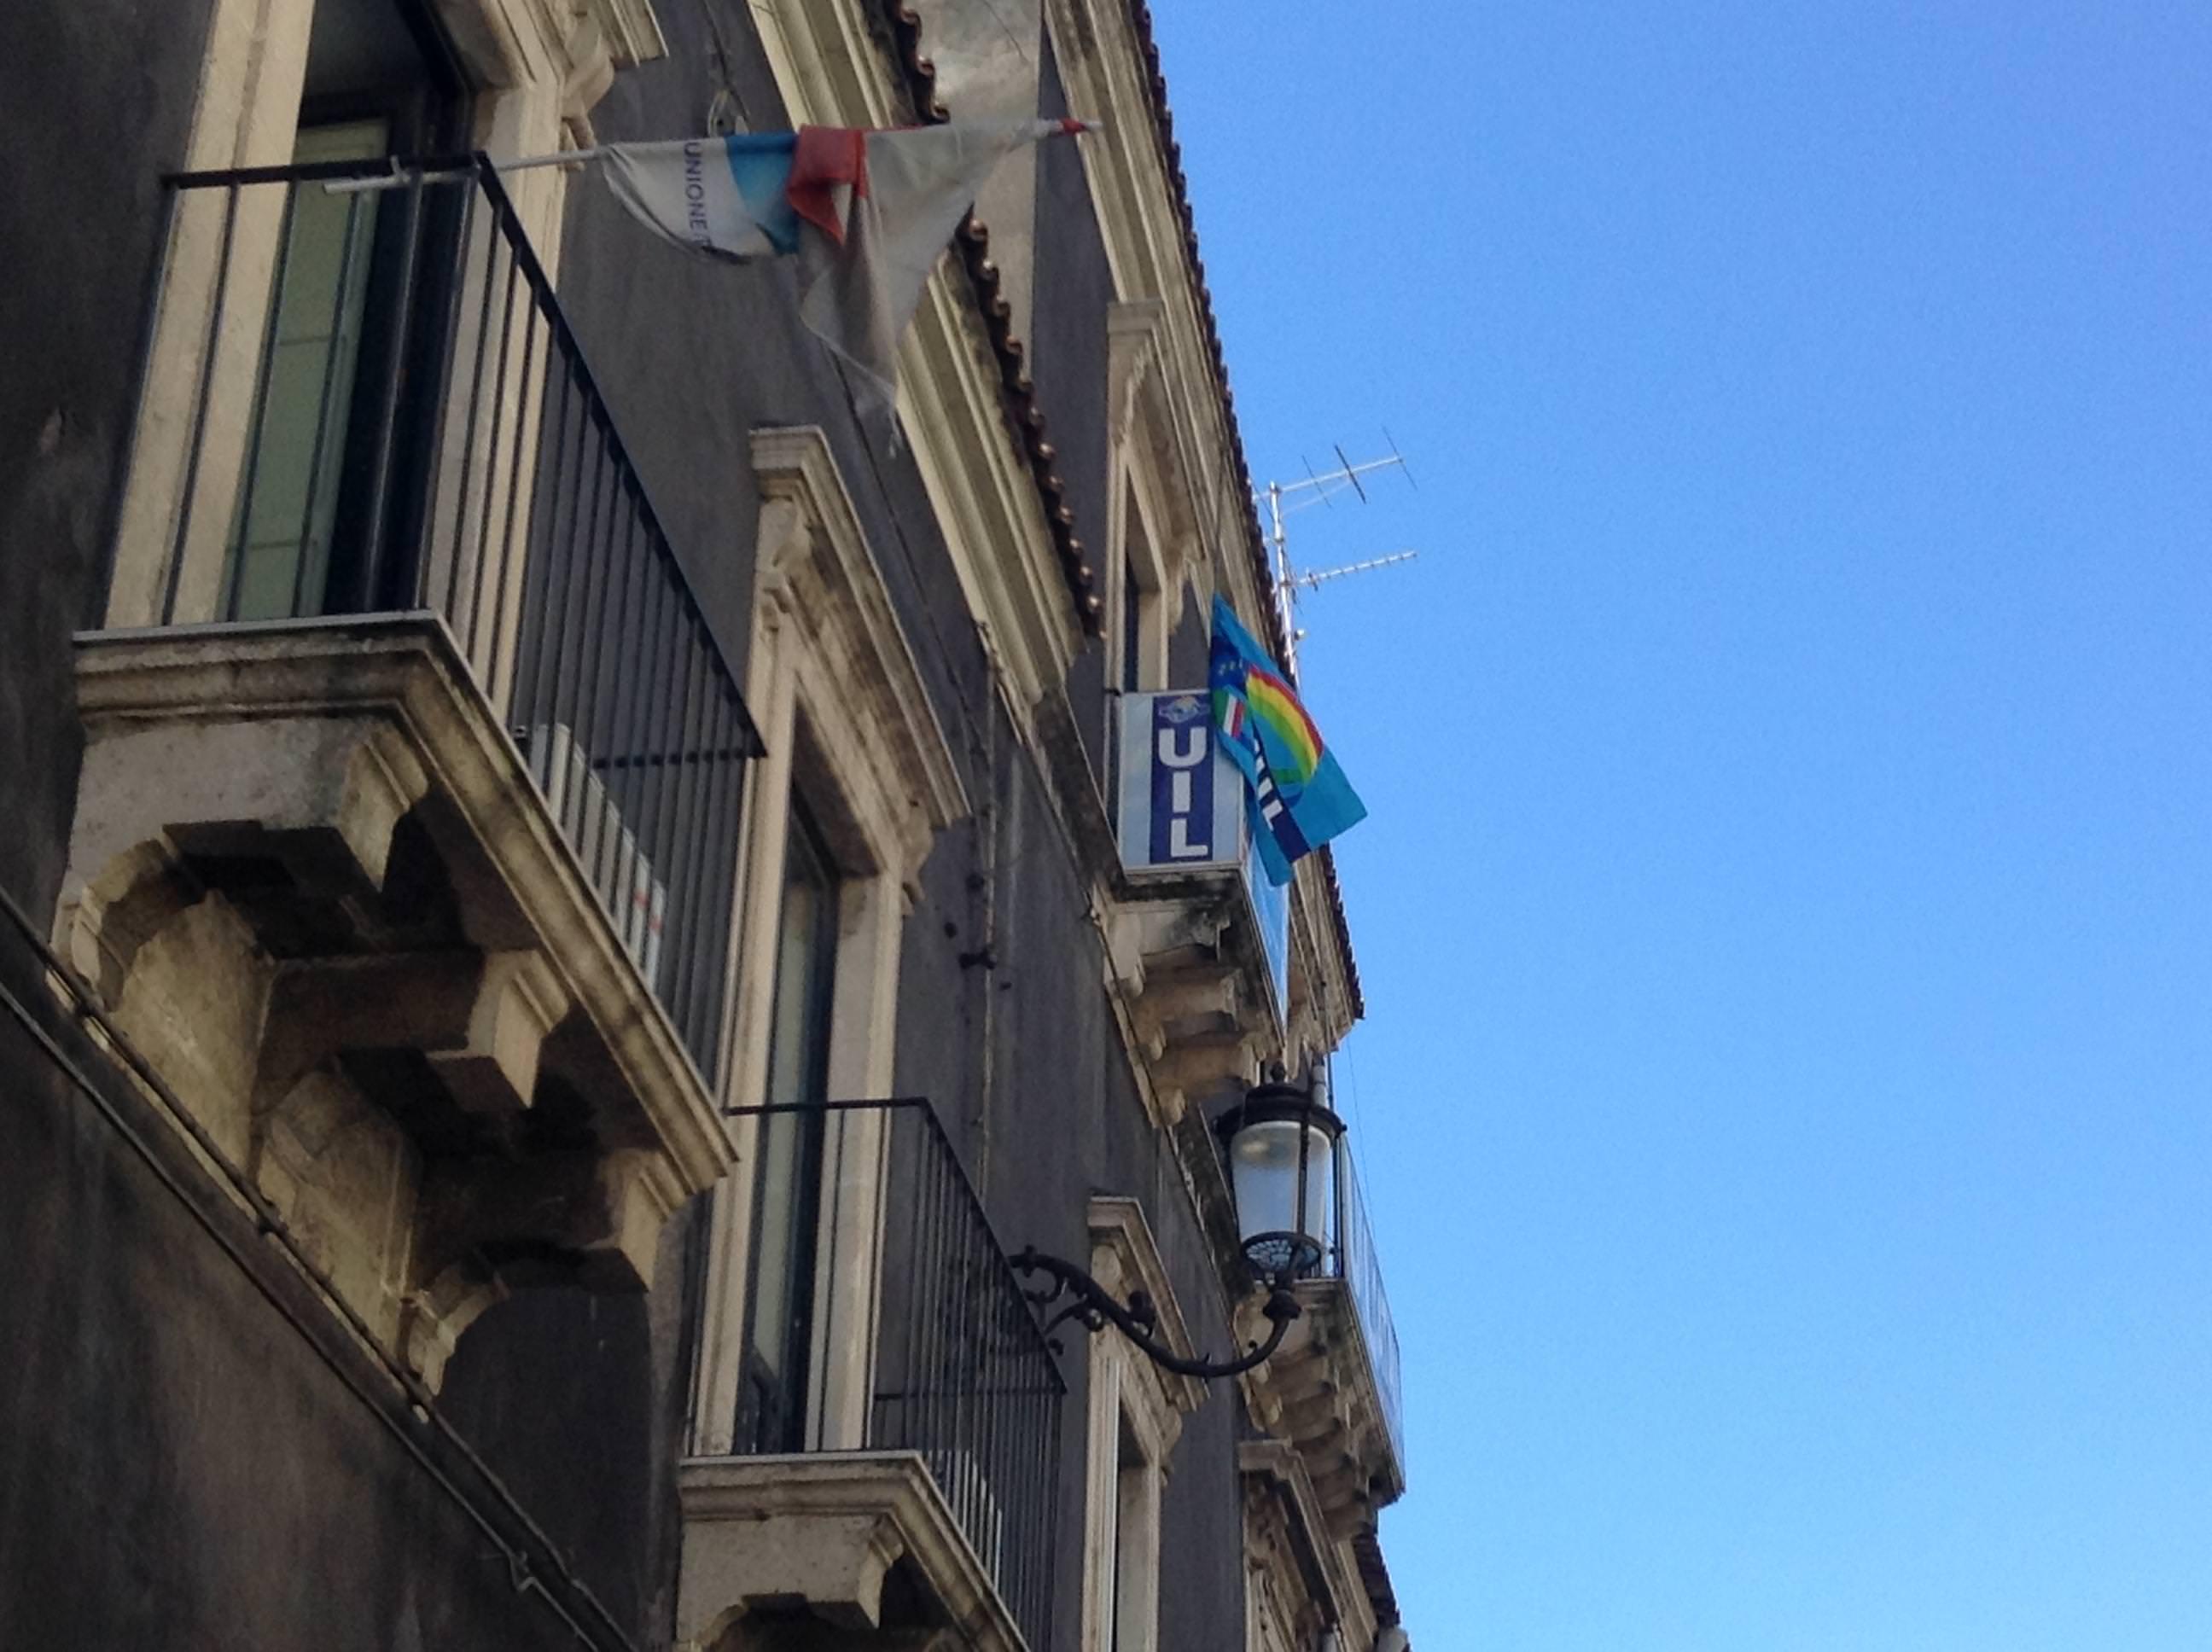 Bandiera a mezz'asta e voce ai lavoratori. Così la Uil ricorda Salvatore La Fata